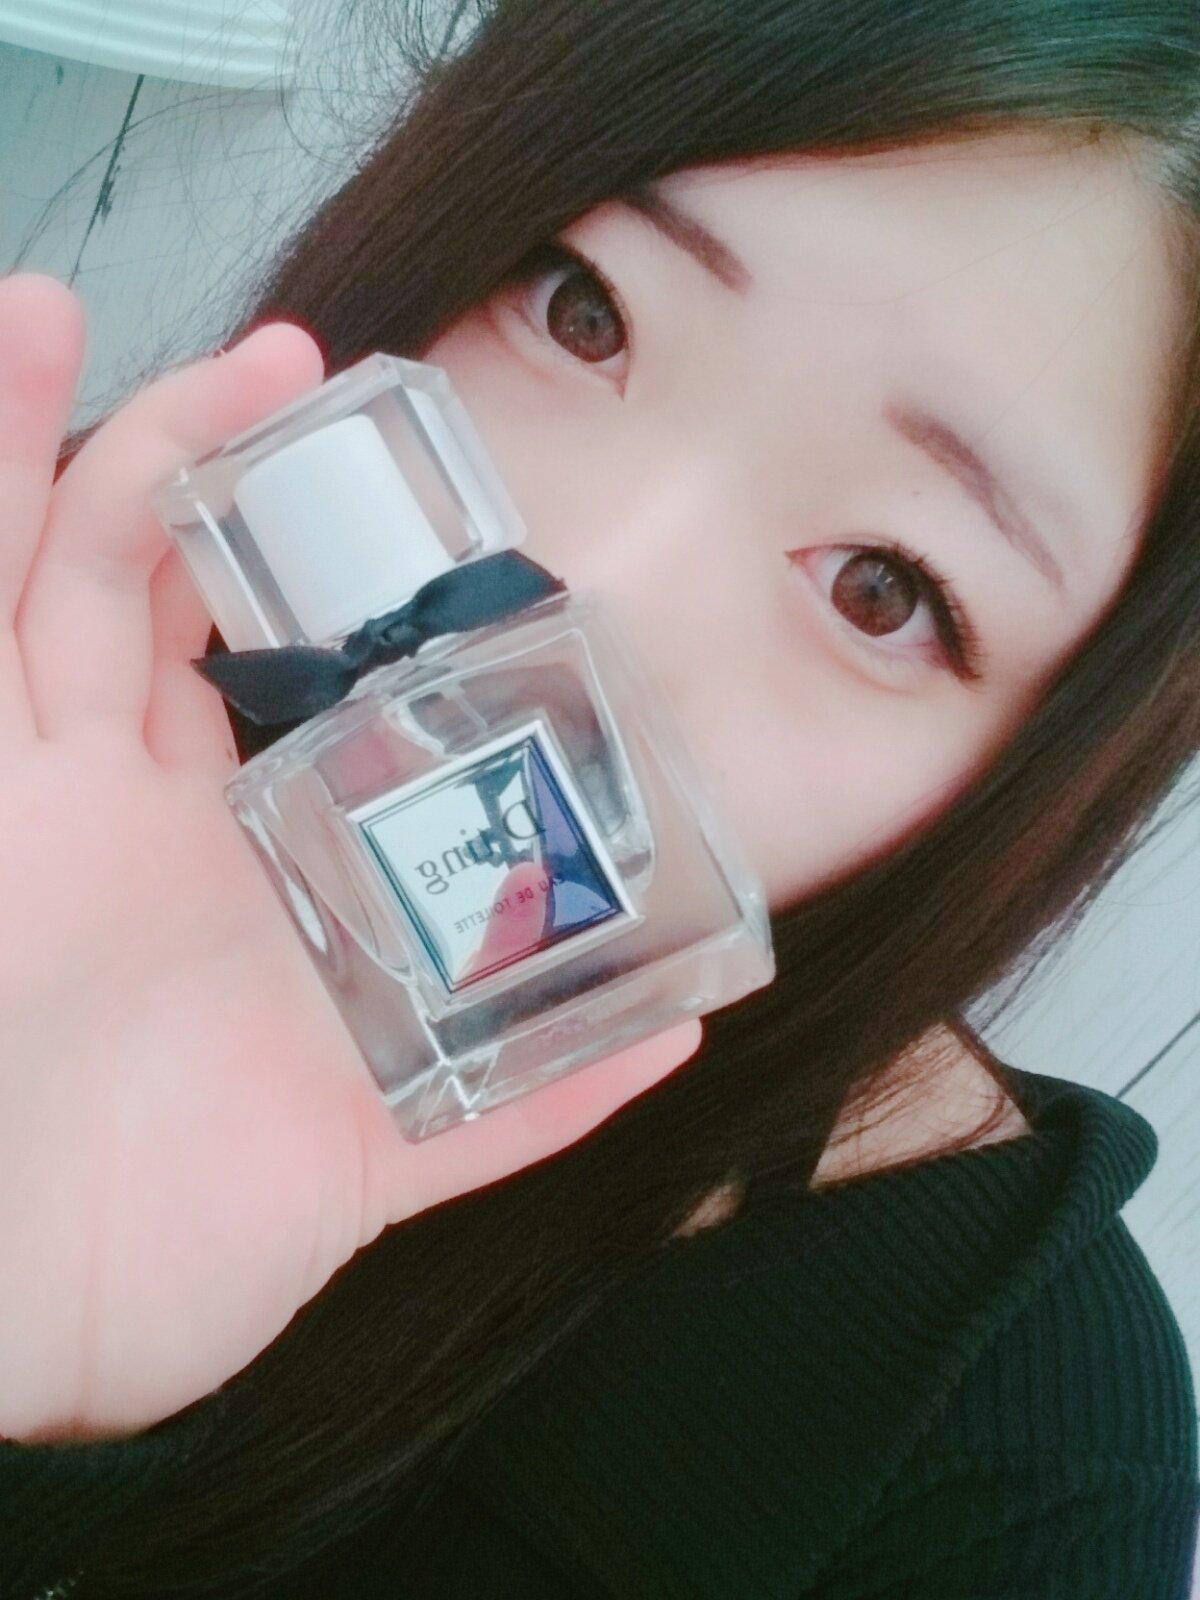 今日は友達と一緒に香水を買いに行きました(*´꒳`*)モテ…